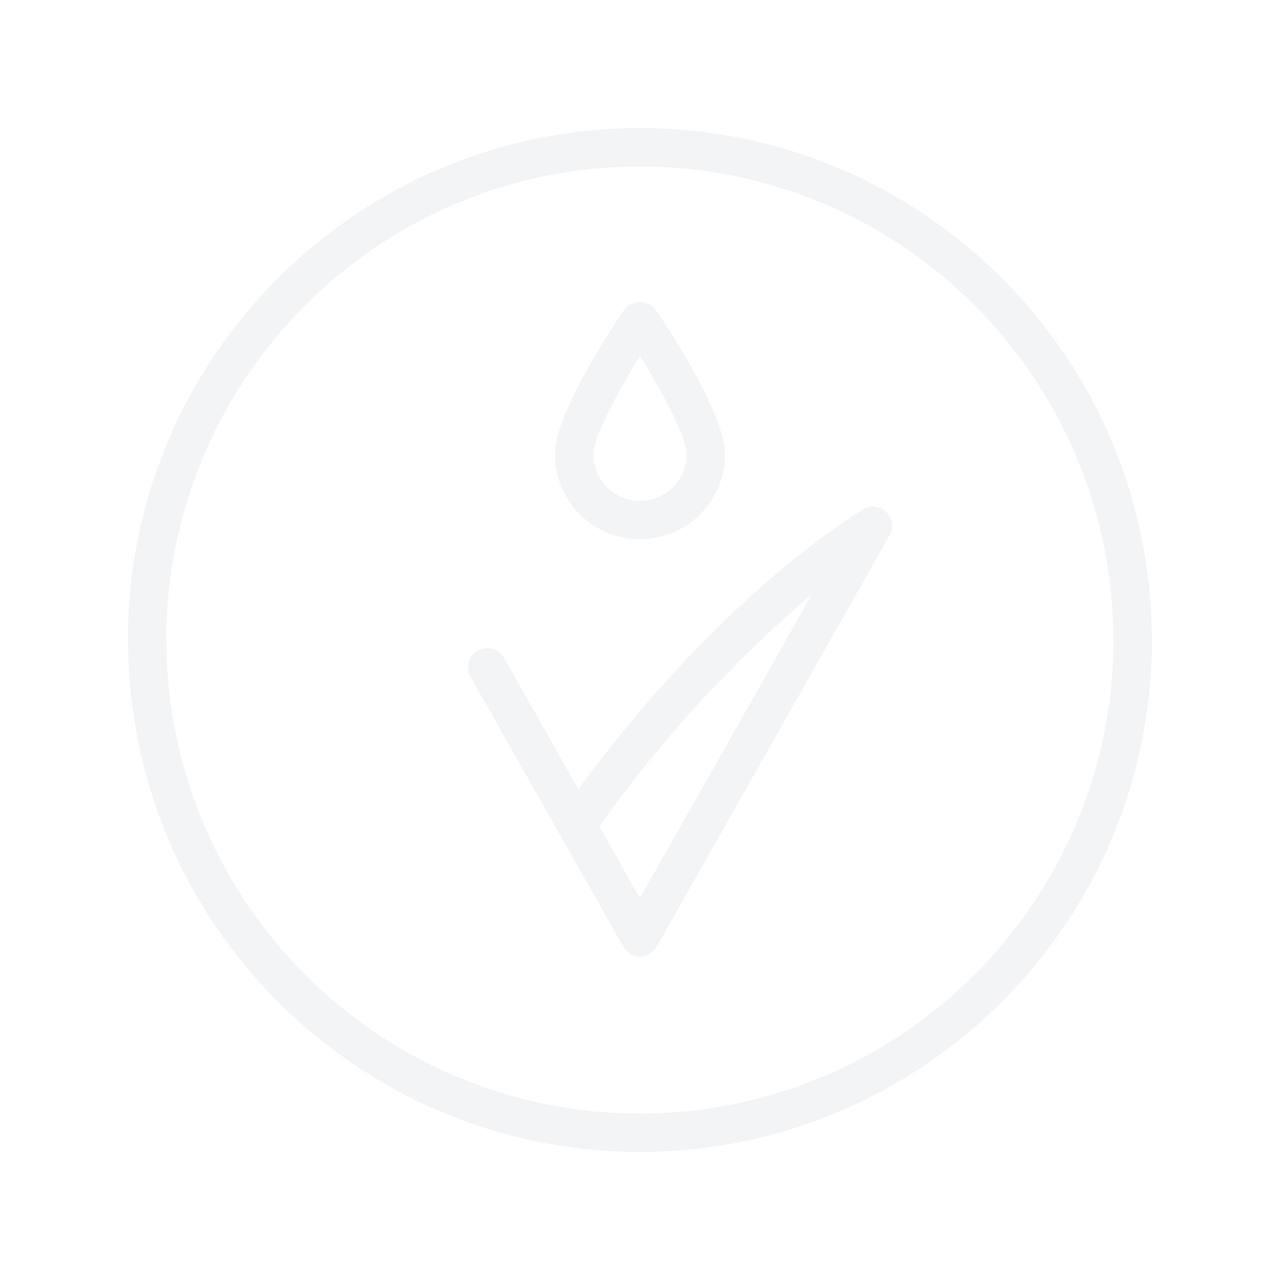 BOURJOIS Contour Edition Lip Liner контурный карандаш для губ 1.14g